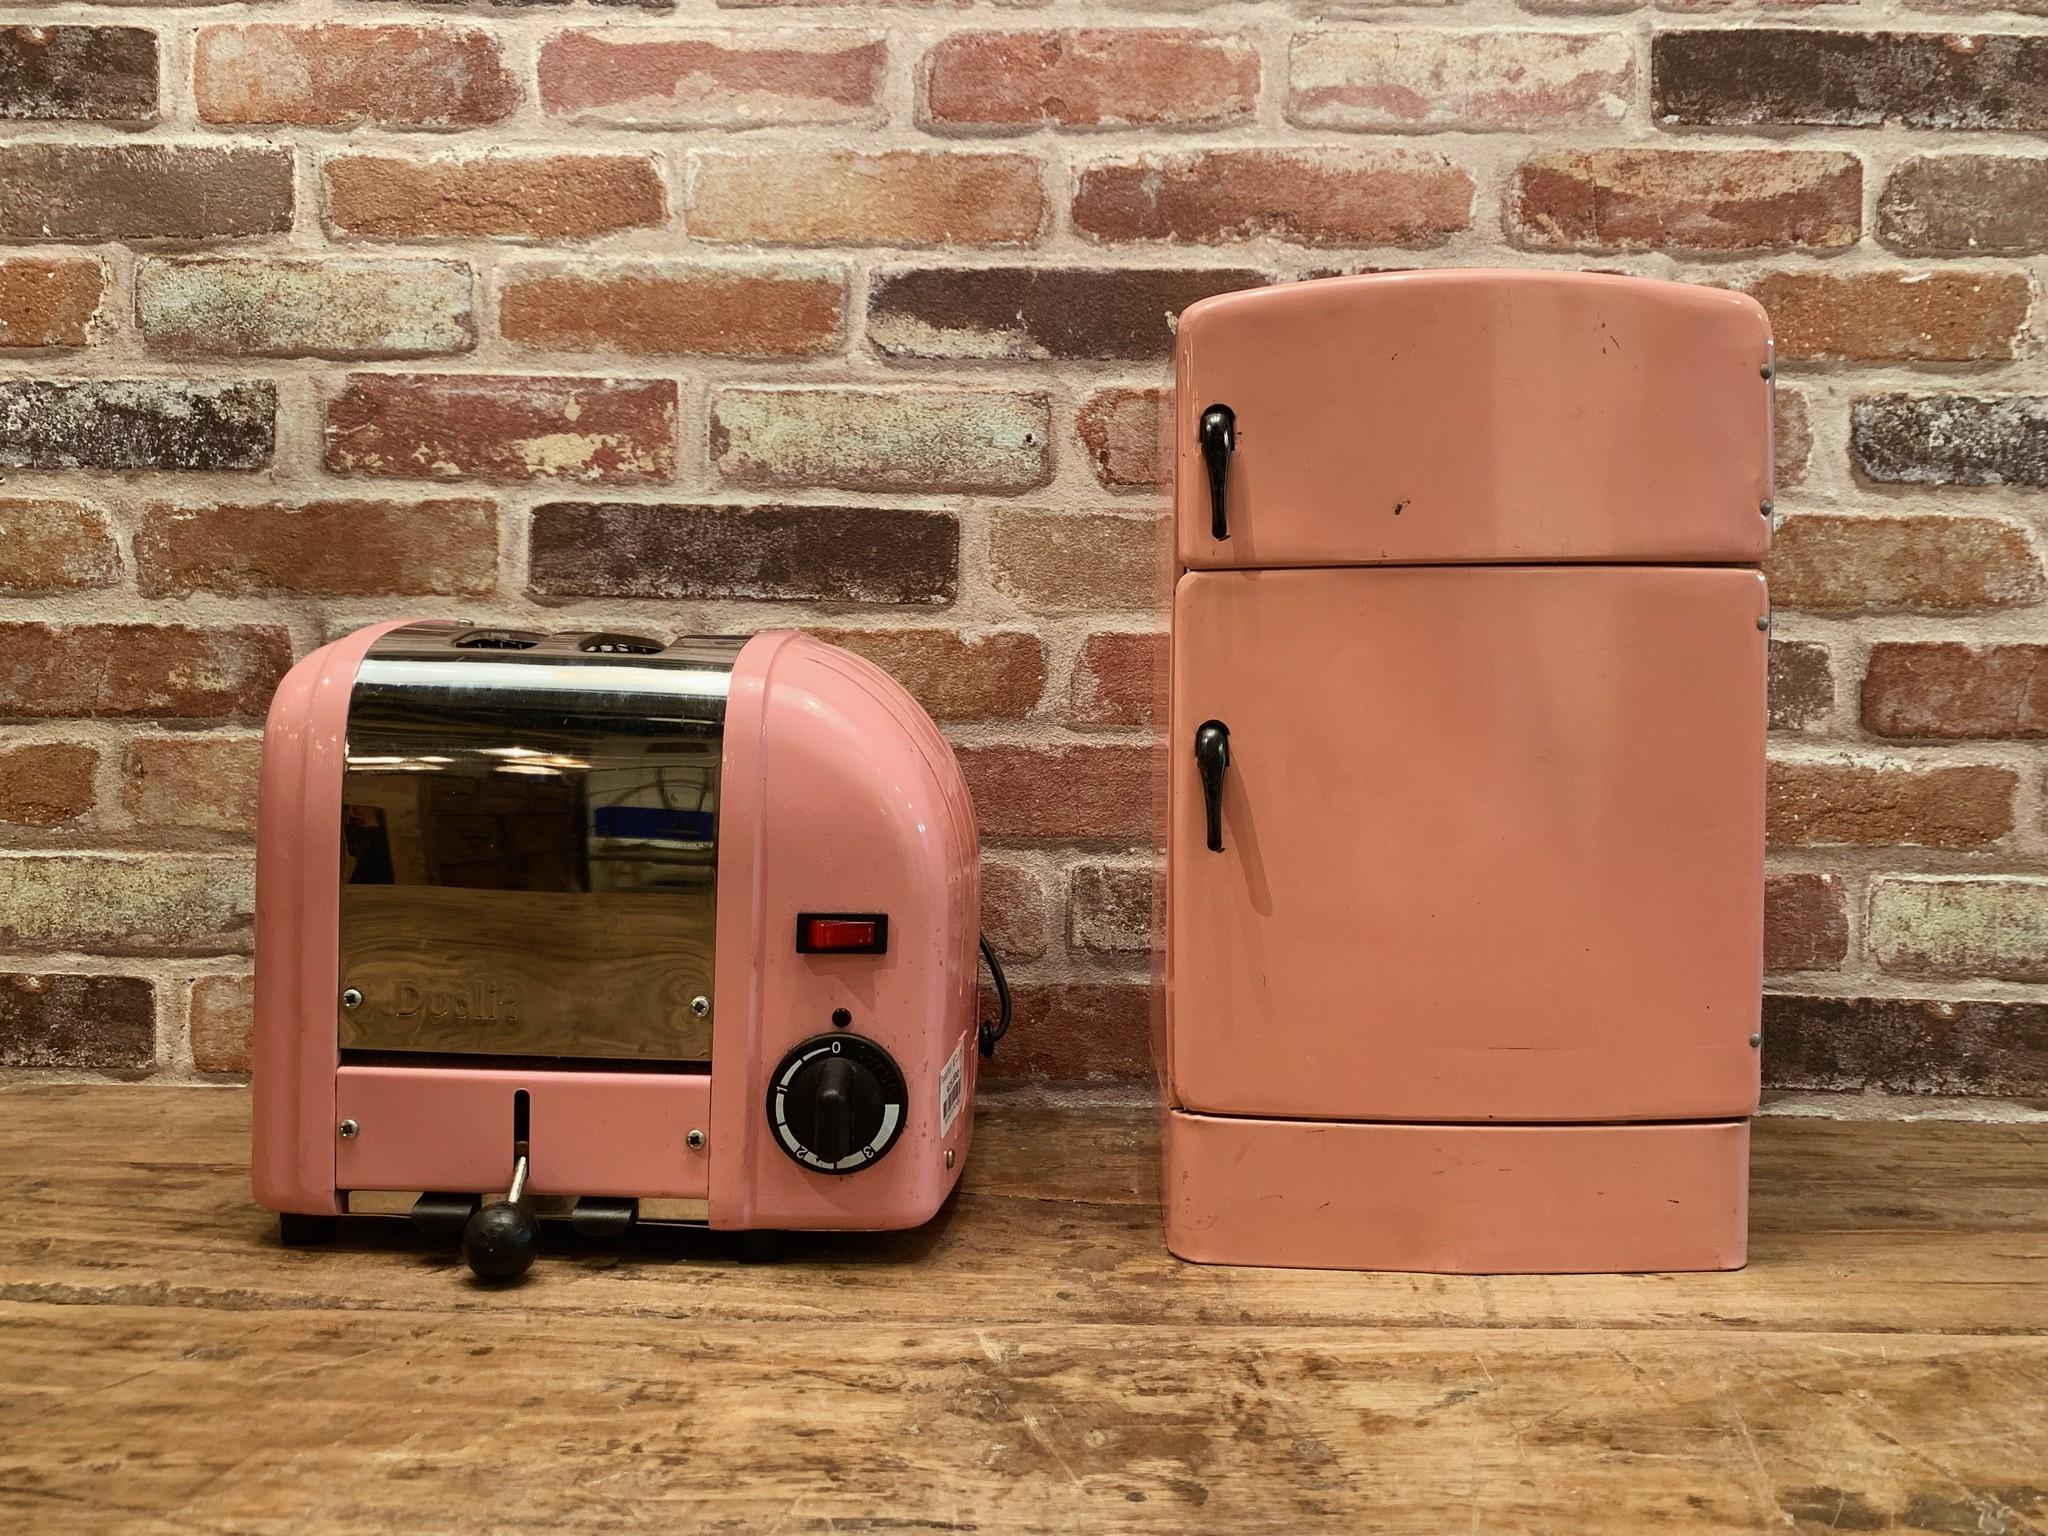 商品紹介!!ピンクのヴィンテージトースター&冷蔵庫!